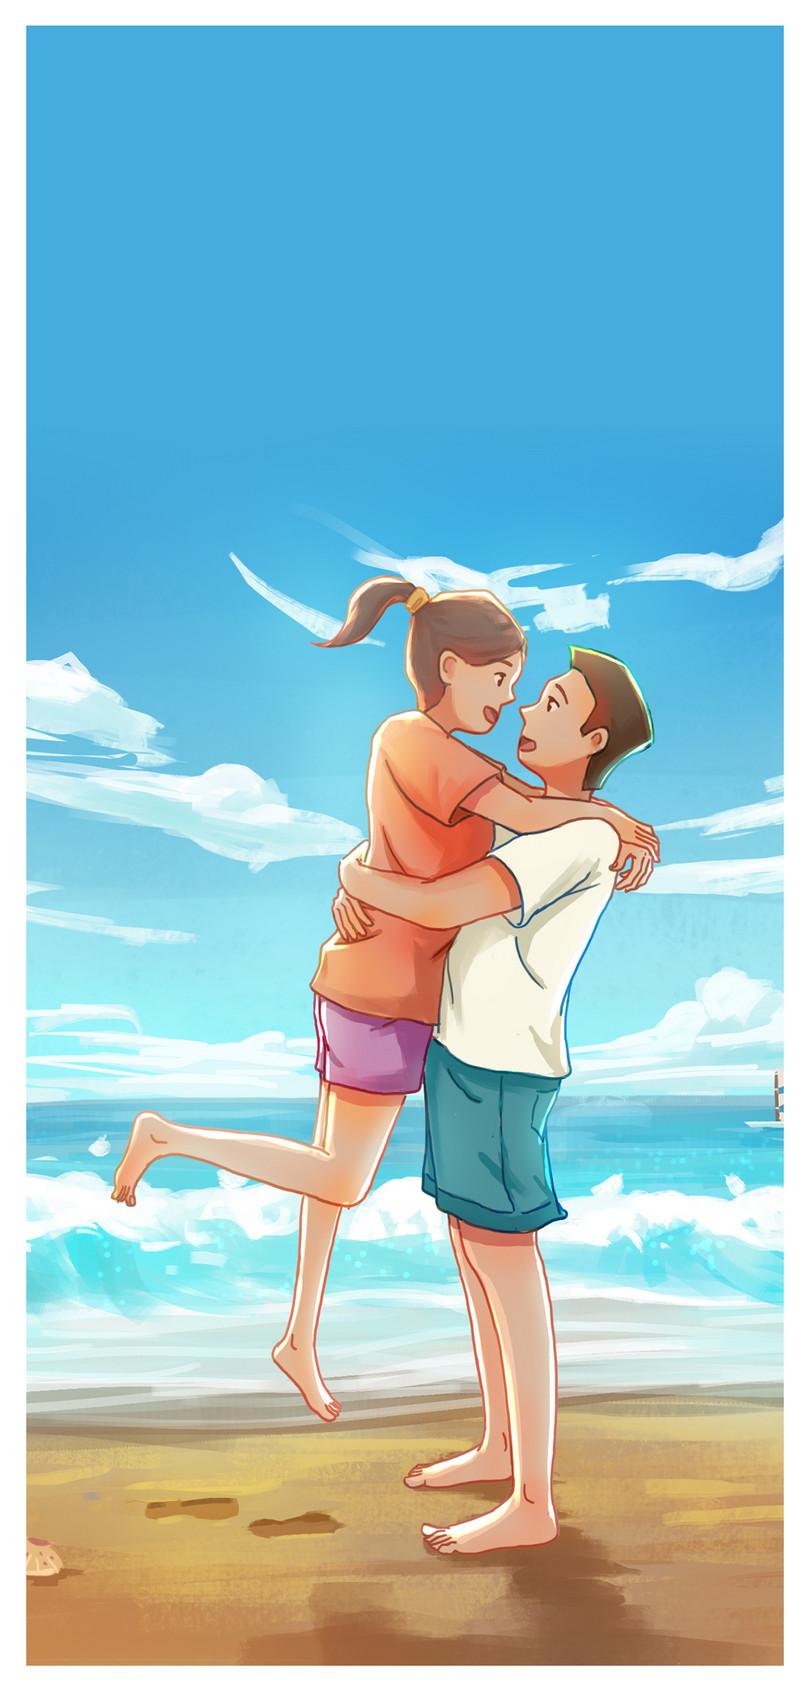 夏の恋人モバイル壁紙イメージ 背景 Id 400235327 Prf画像フォーマット